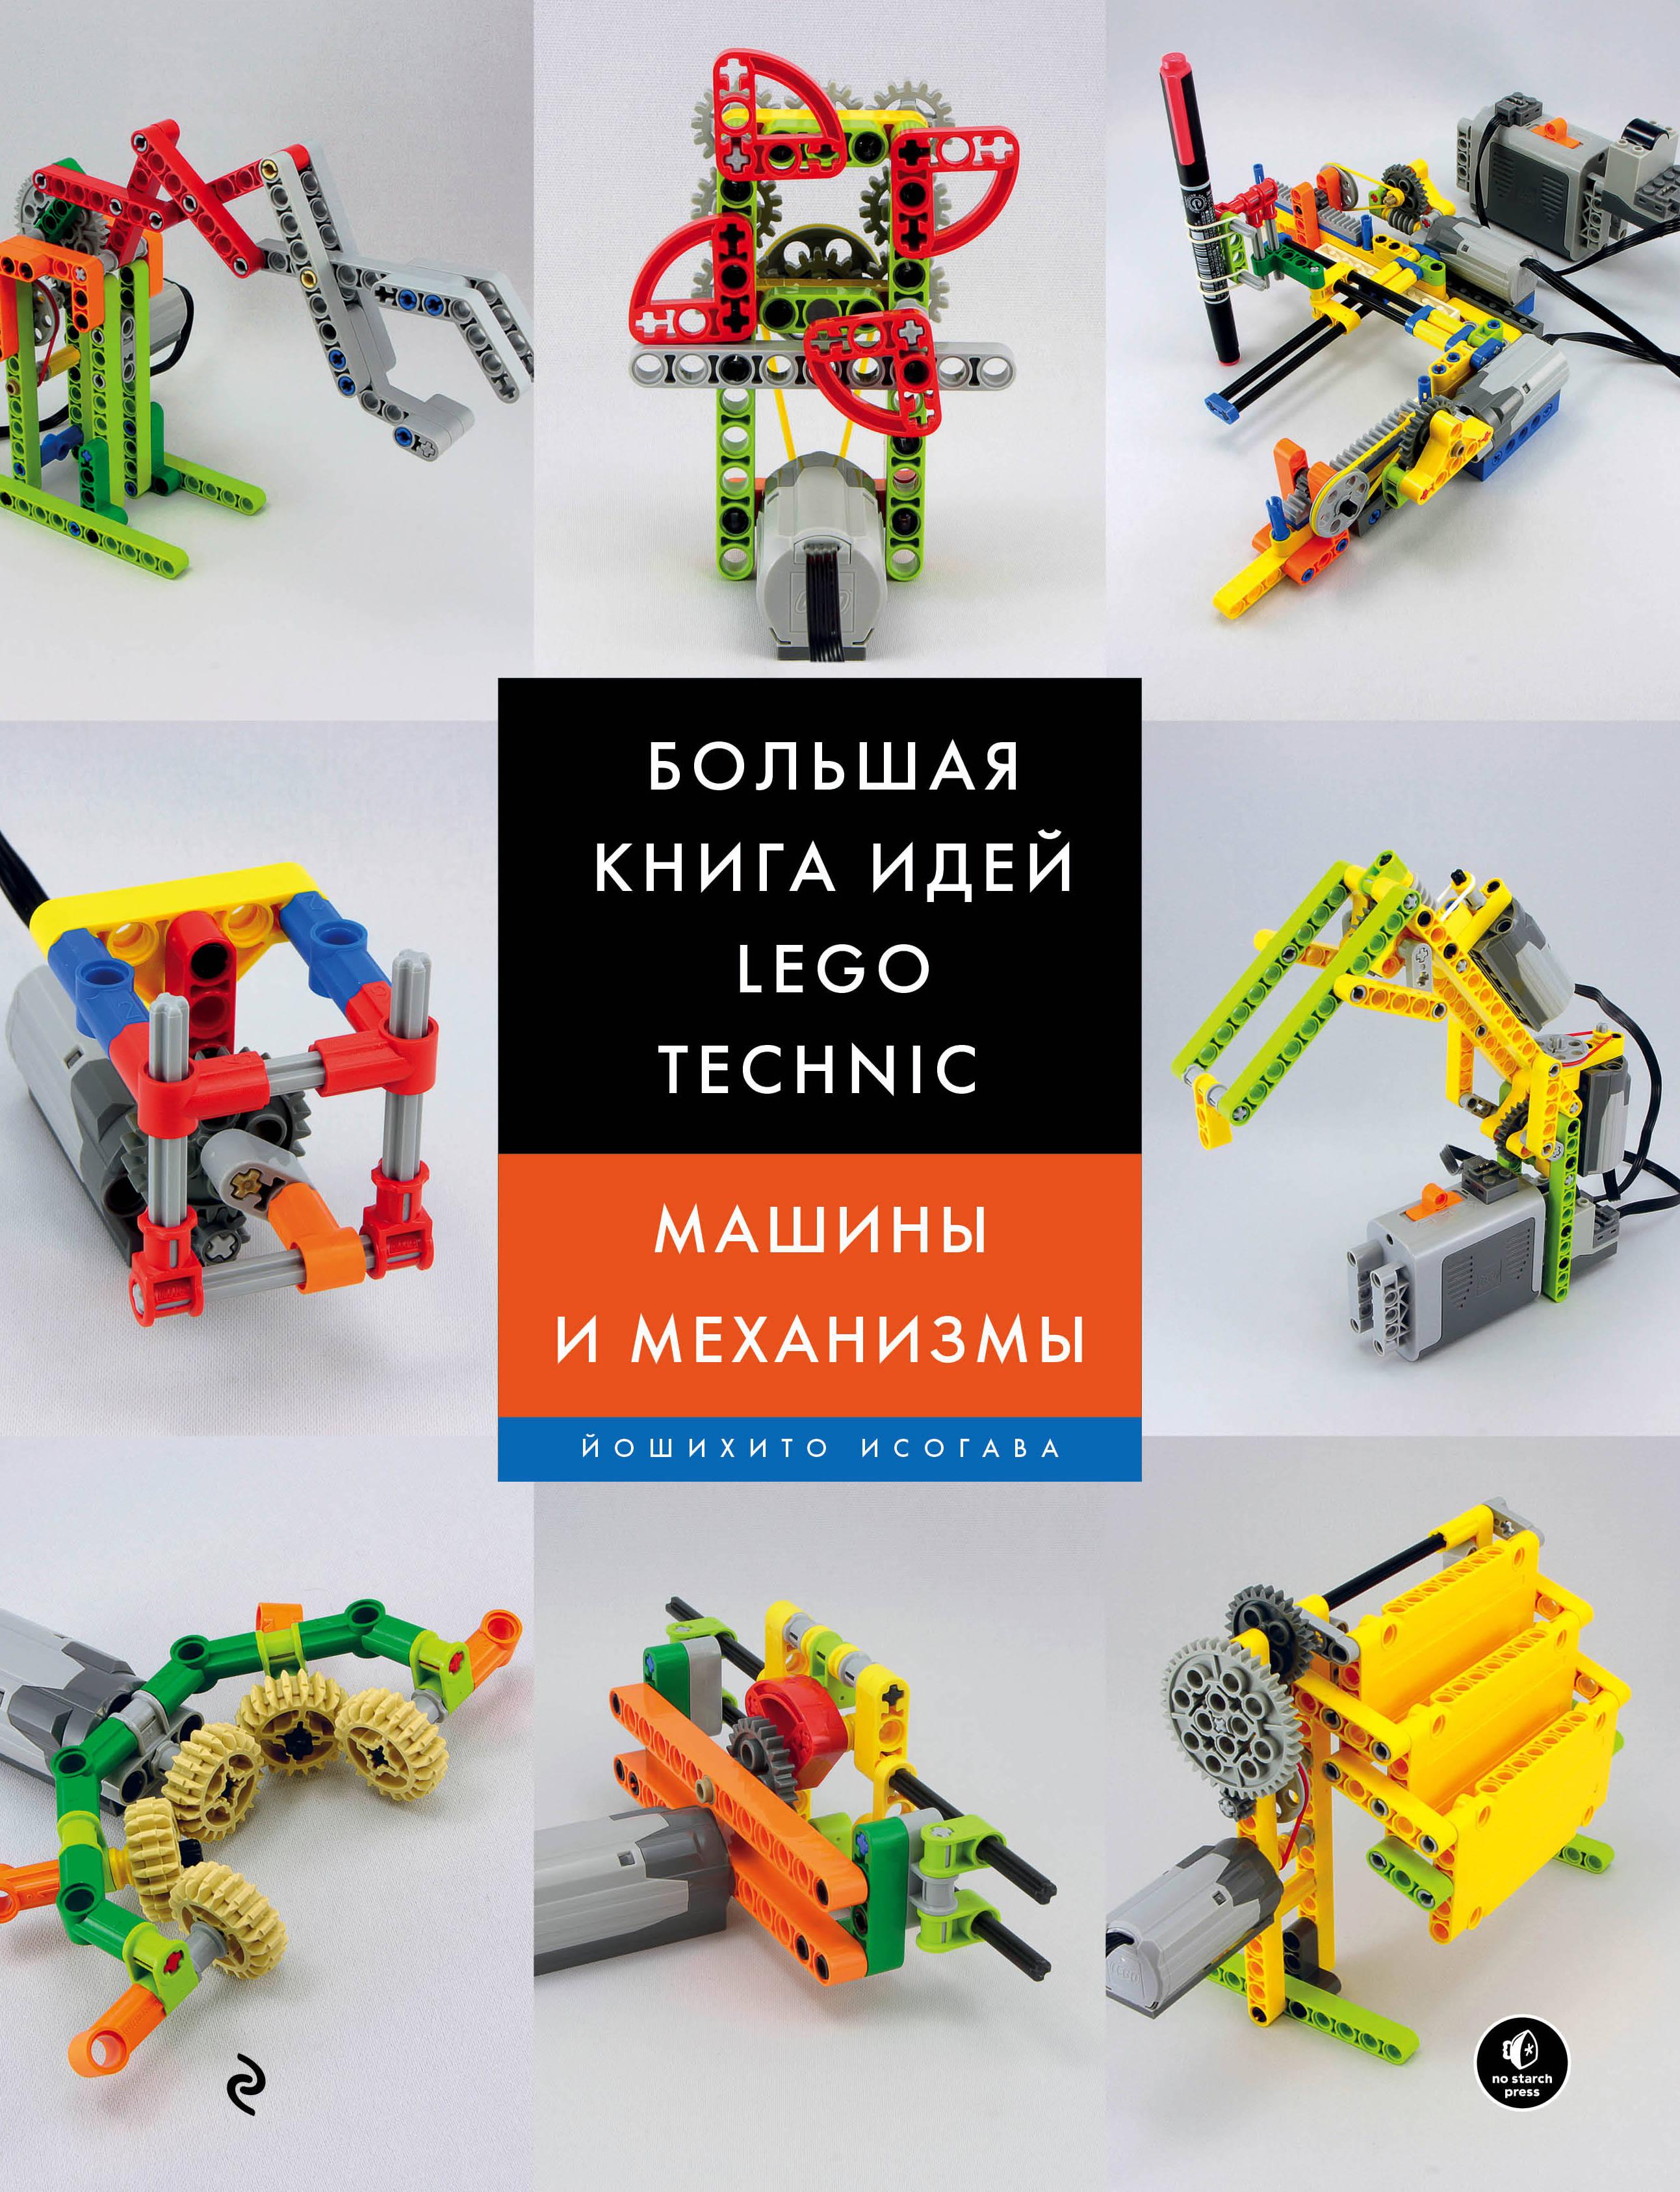 Исогава Йошихито Большая книга идей LEGO Technic. Машины и механизмы ISBN: 978-5-699-99865-4